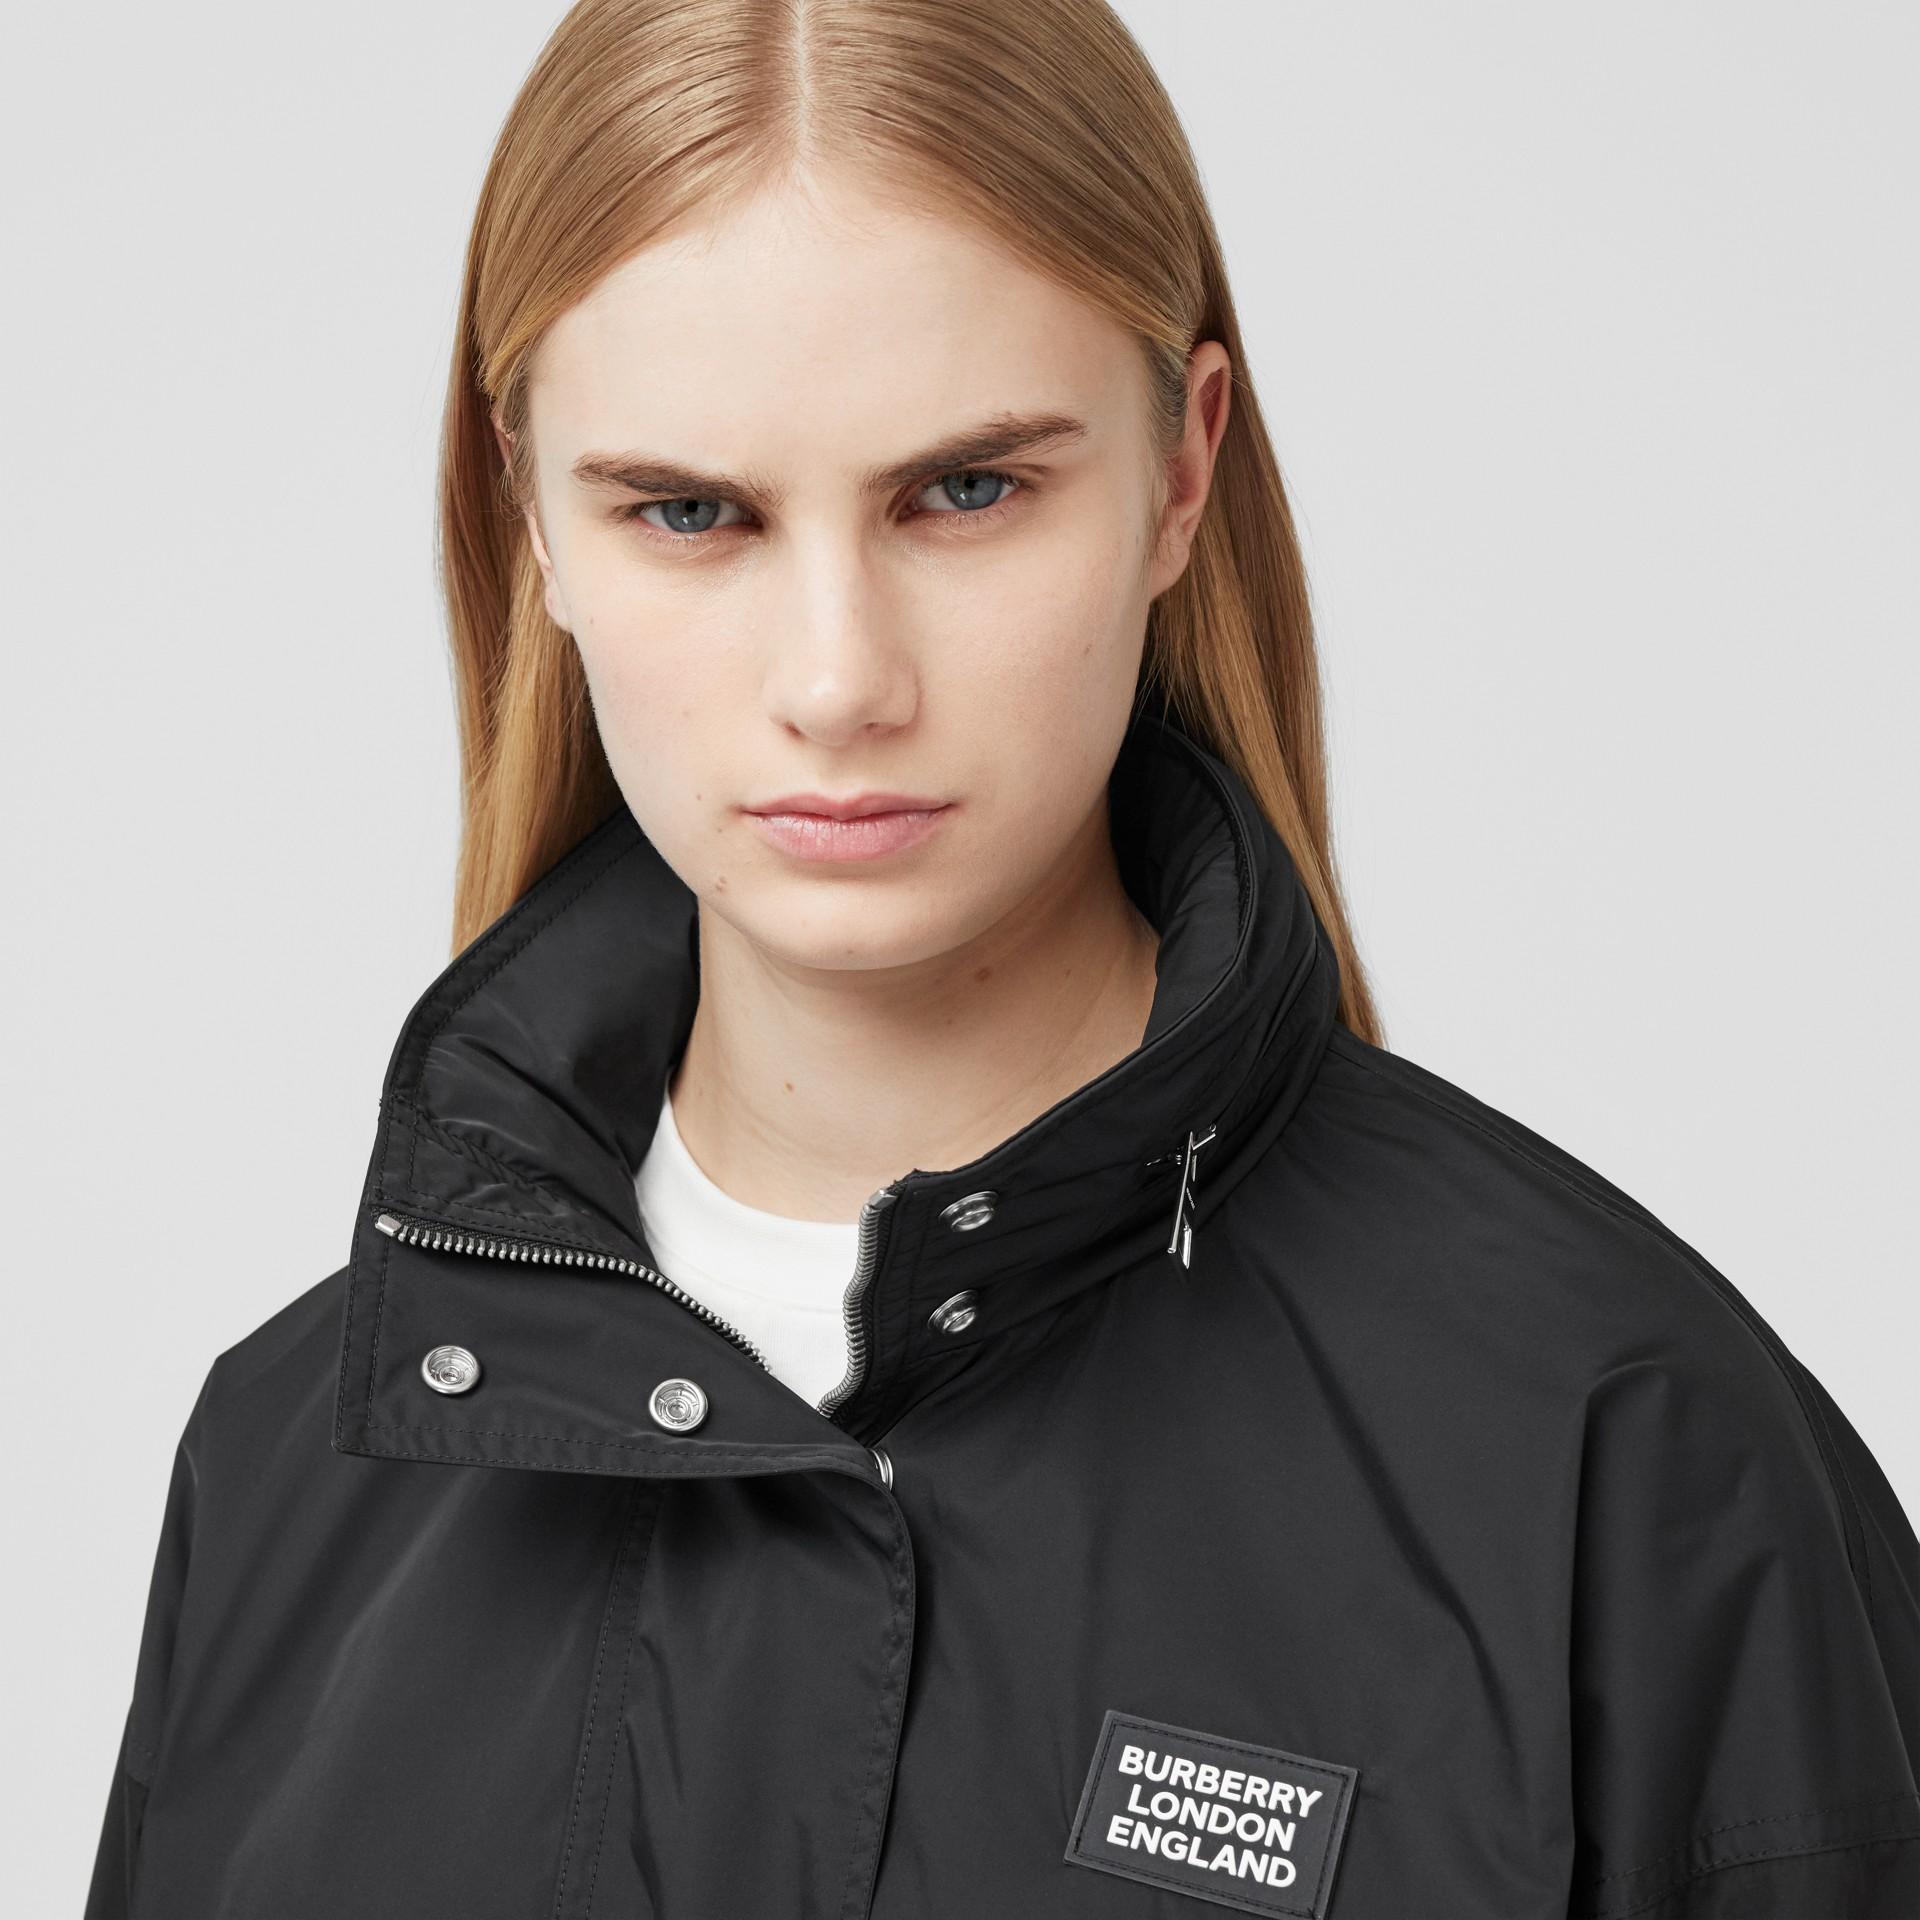 Packaway Hood Bio-based Nylon Jacket in Black - Women | Burberry - gallery image 1